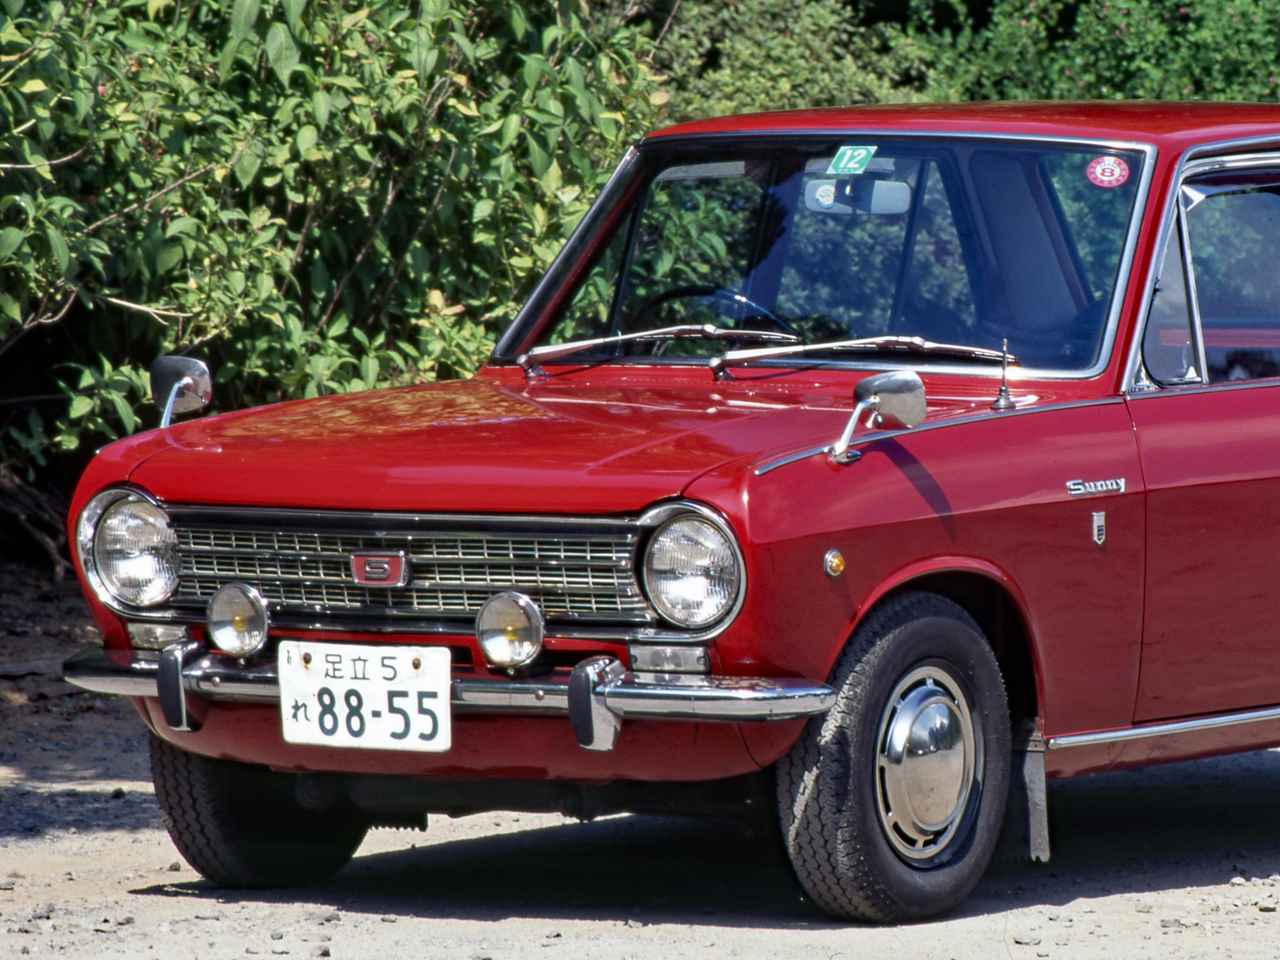 【昭和の名車 127】ダットサン サニーは、本格的モータリゼーションの牽引役だった